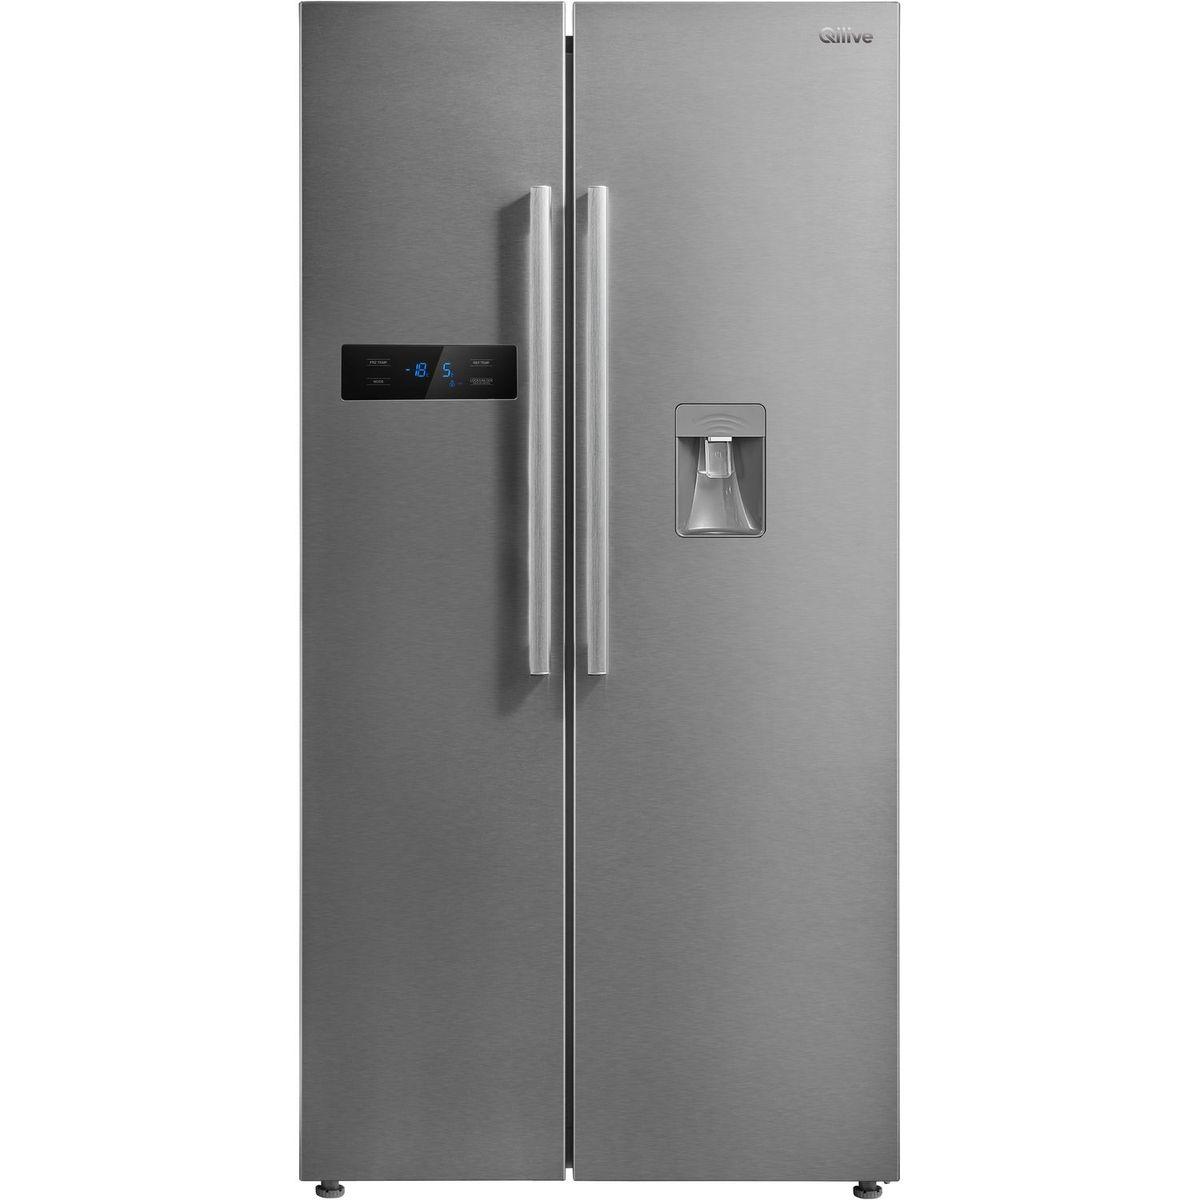 Réfrigérateur américain Q.6517 134911, 510 L, Froid ventilé